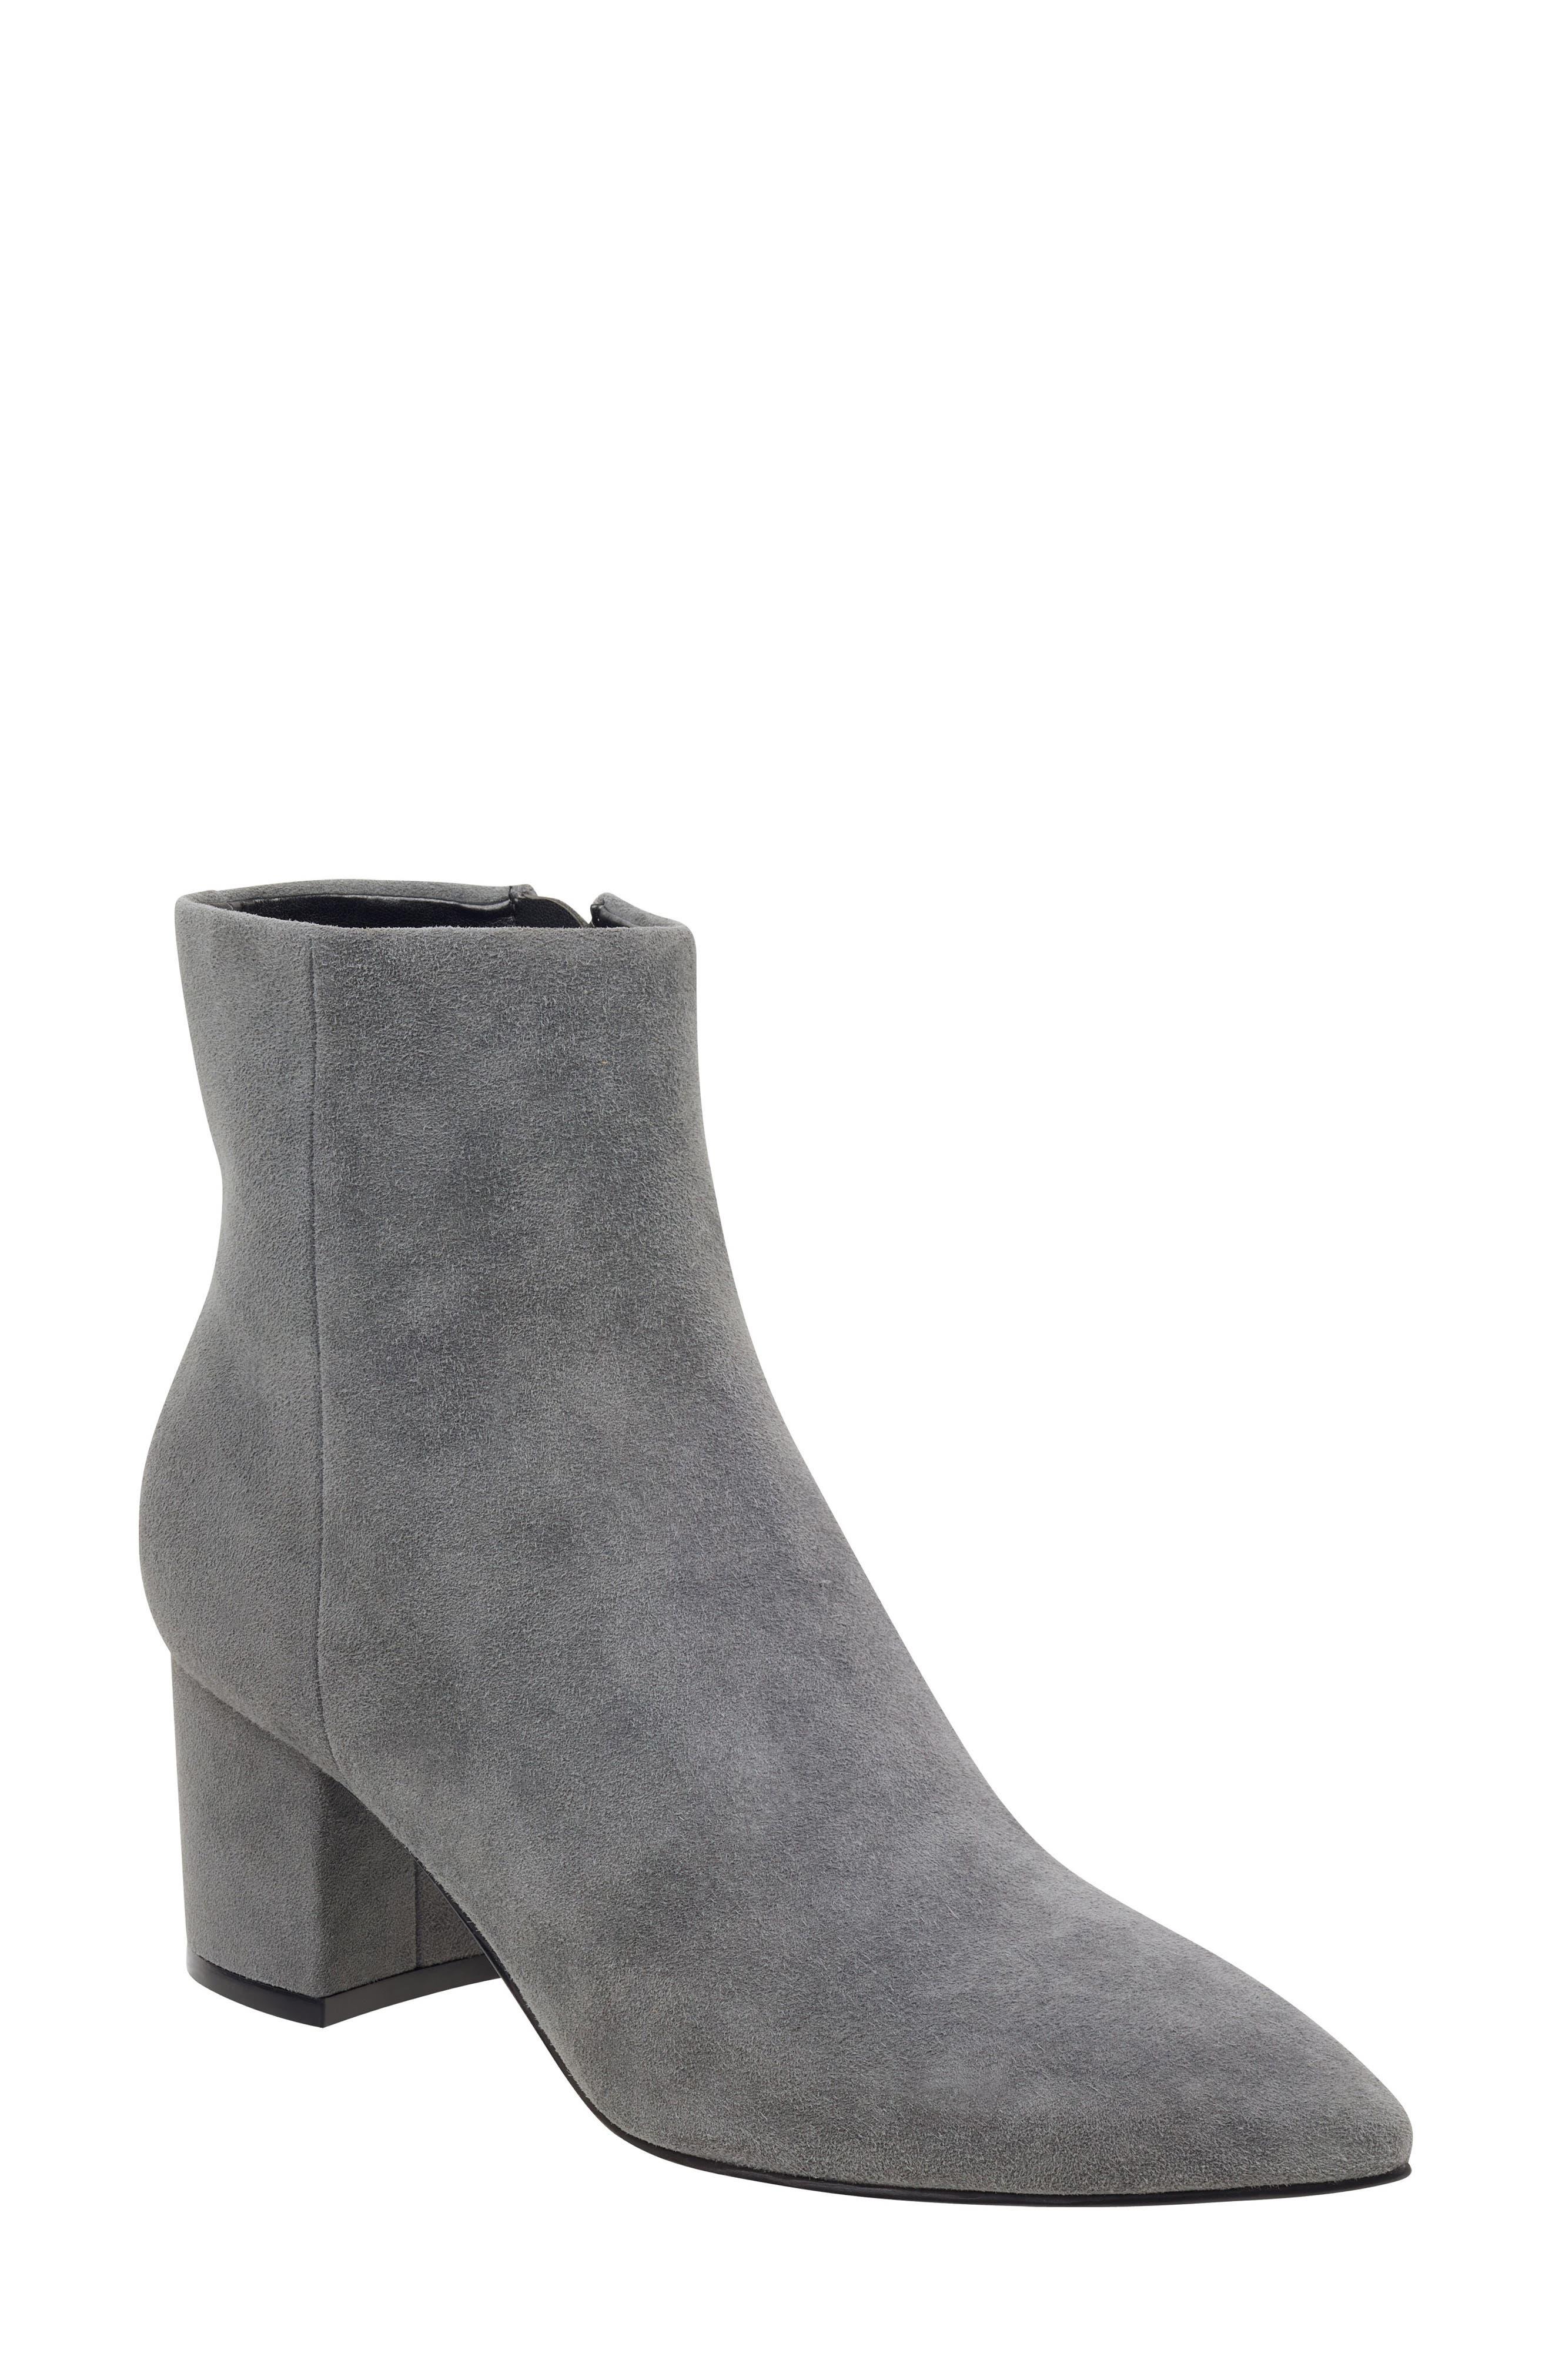 b274d214e83 Marc Fisher LTD Women s Boots